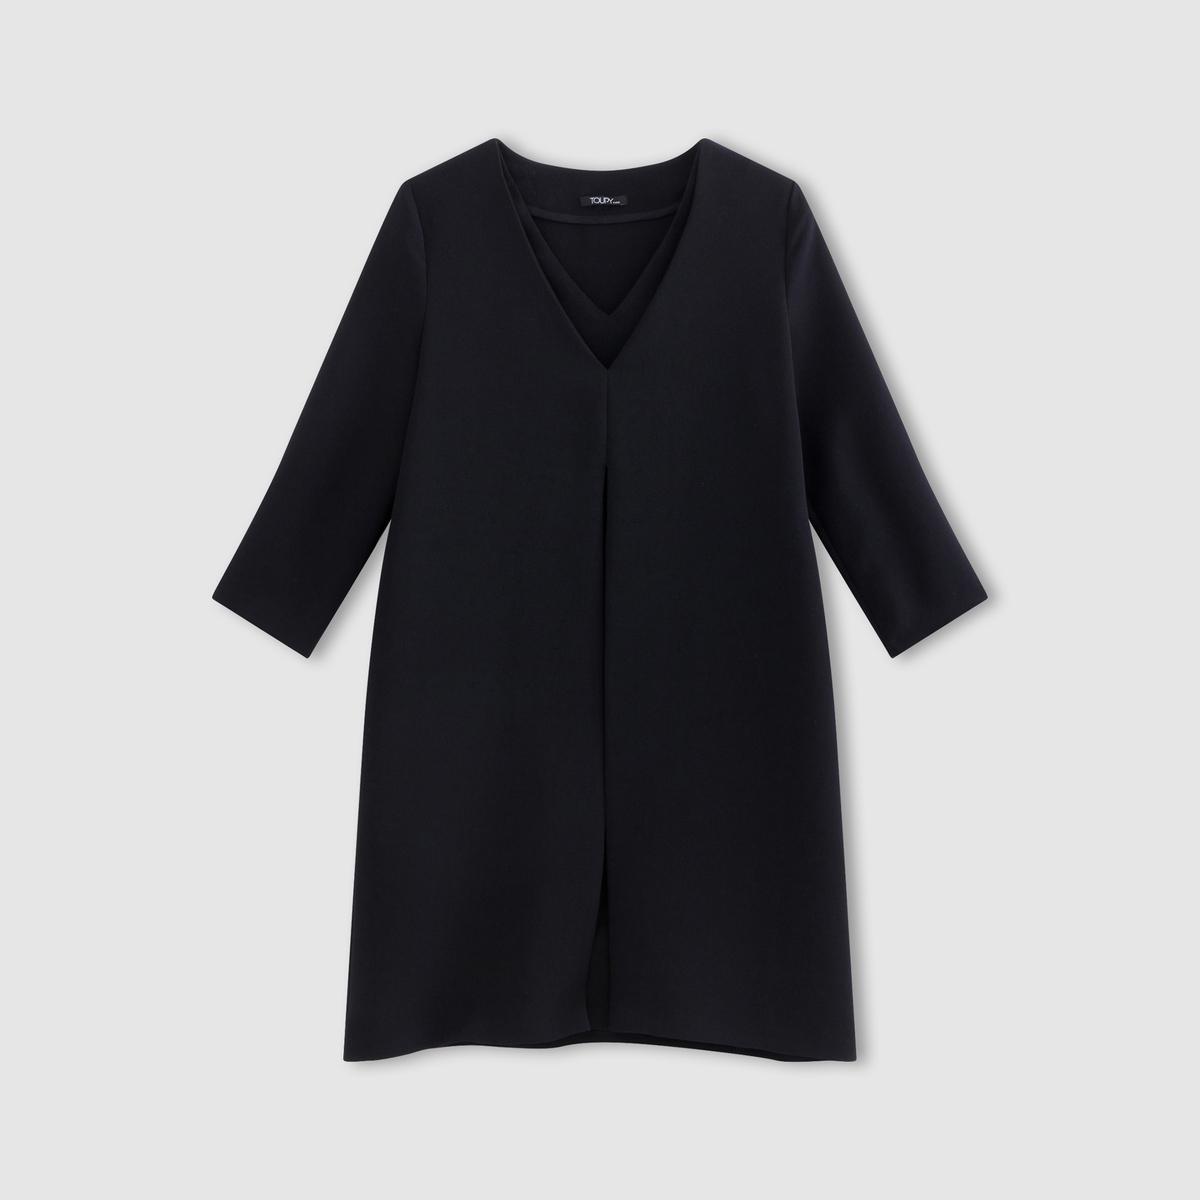 Платье PERINEПлатье PERINE от TOUPY, 100% полиэстер. Рукава 3/4, V-образный вырез. 2 кармана.<br><br>Цвет: кобальтовый синий